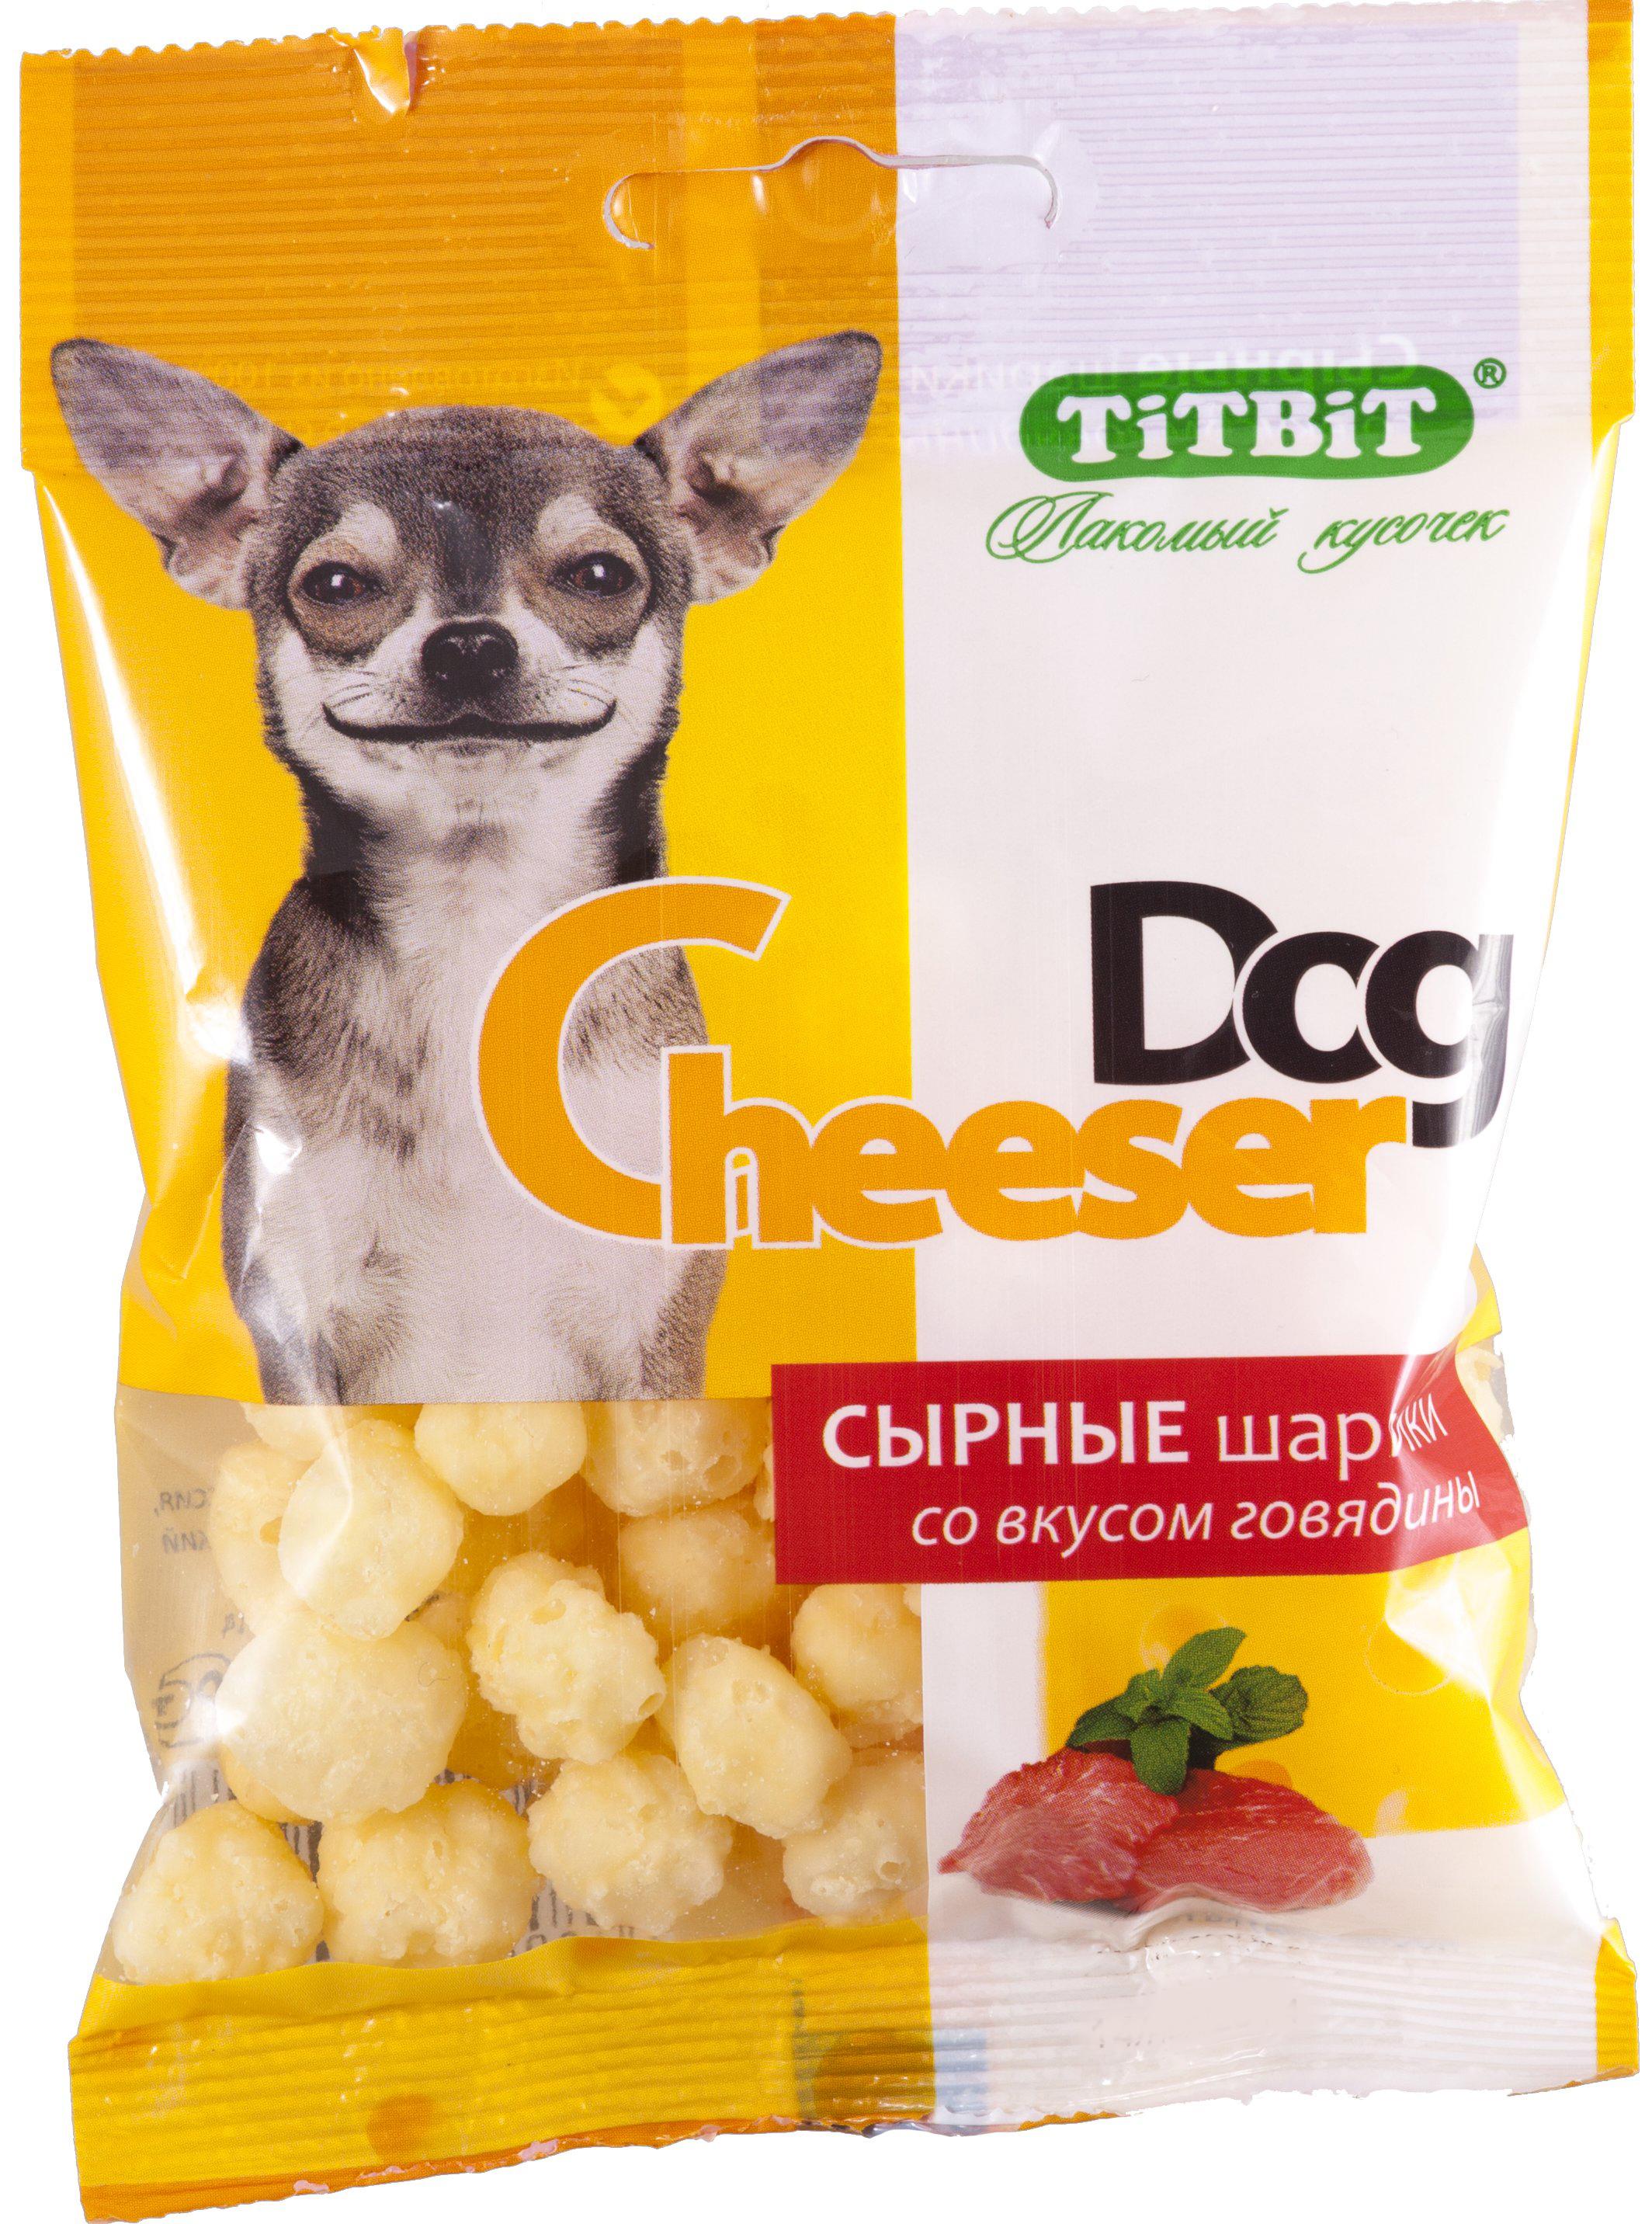 Лакомство для собак Titbit CheeserDog, сырные шарики со вкусом говядины, 30 г101246Для производства используется 100% натуральный полутвердых сыр. Без консервантов и искусственных красителей. Рекомендуемая норма потреблений 10% от суточного рациона собак старше 12 месяцев. Необходимо обеспечить питомцу постоянный доступ к питьевой воде. Состав: сыр сычужный полутвердый, вкусоароматическая добавка говядина